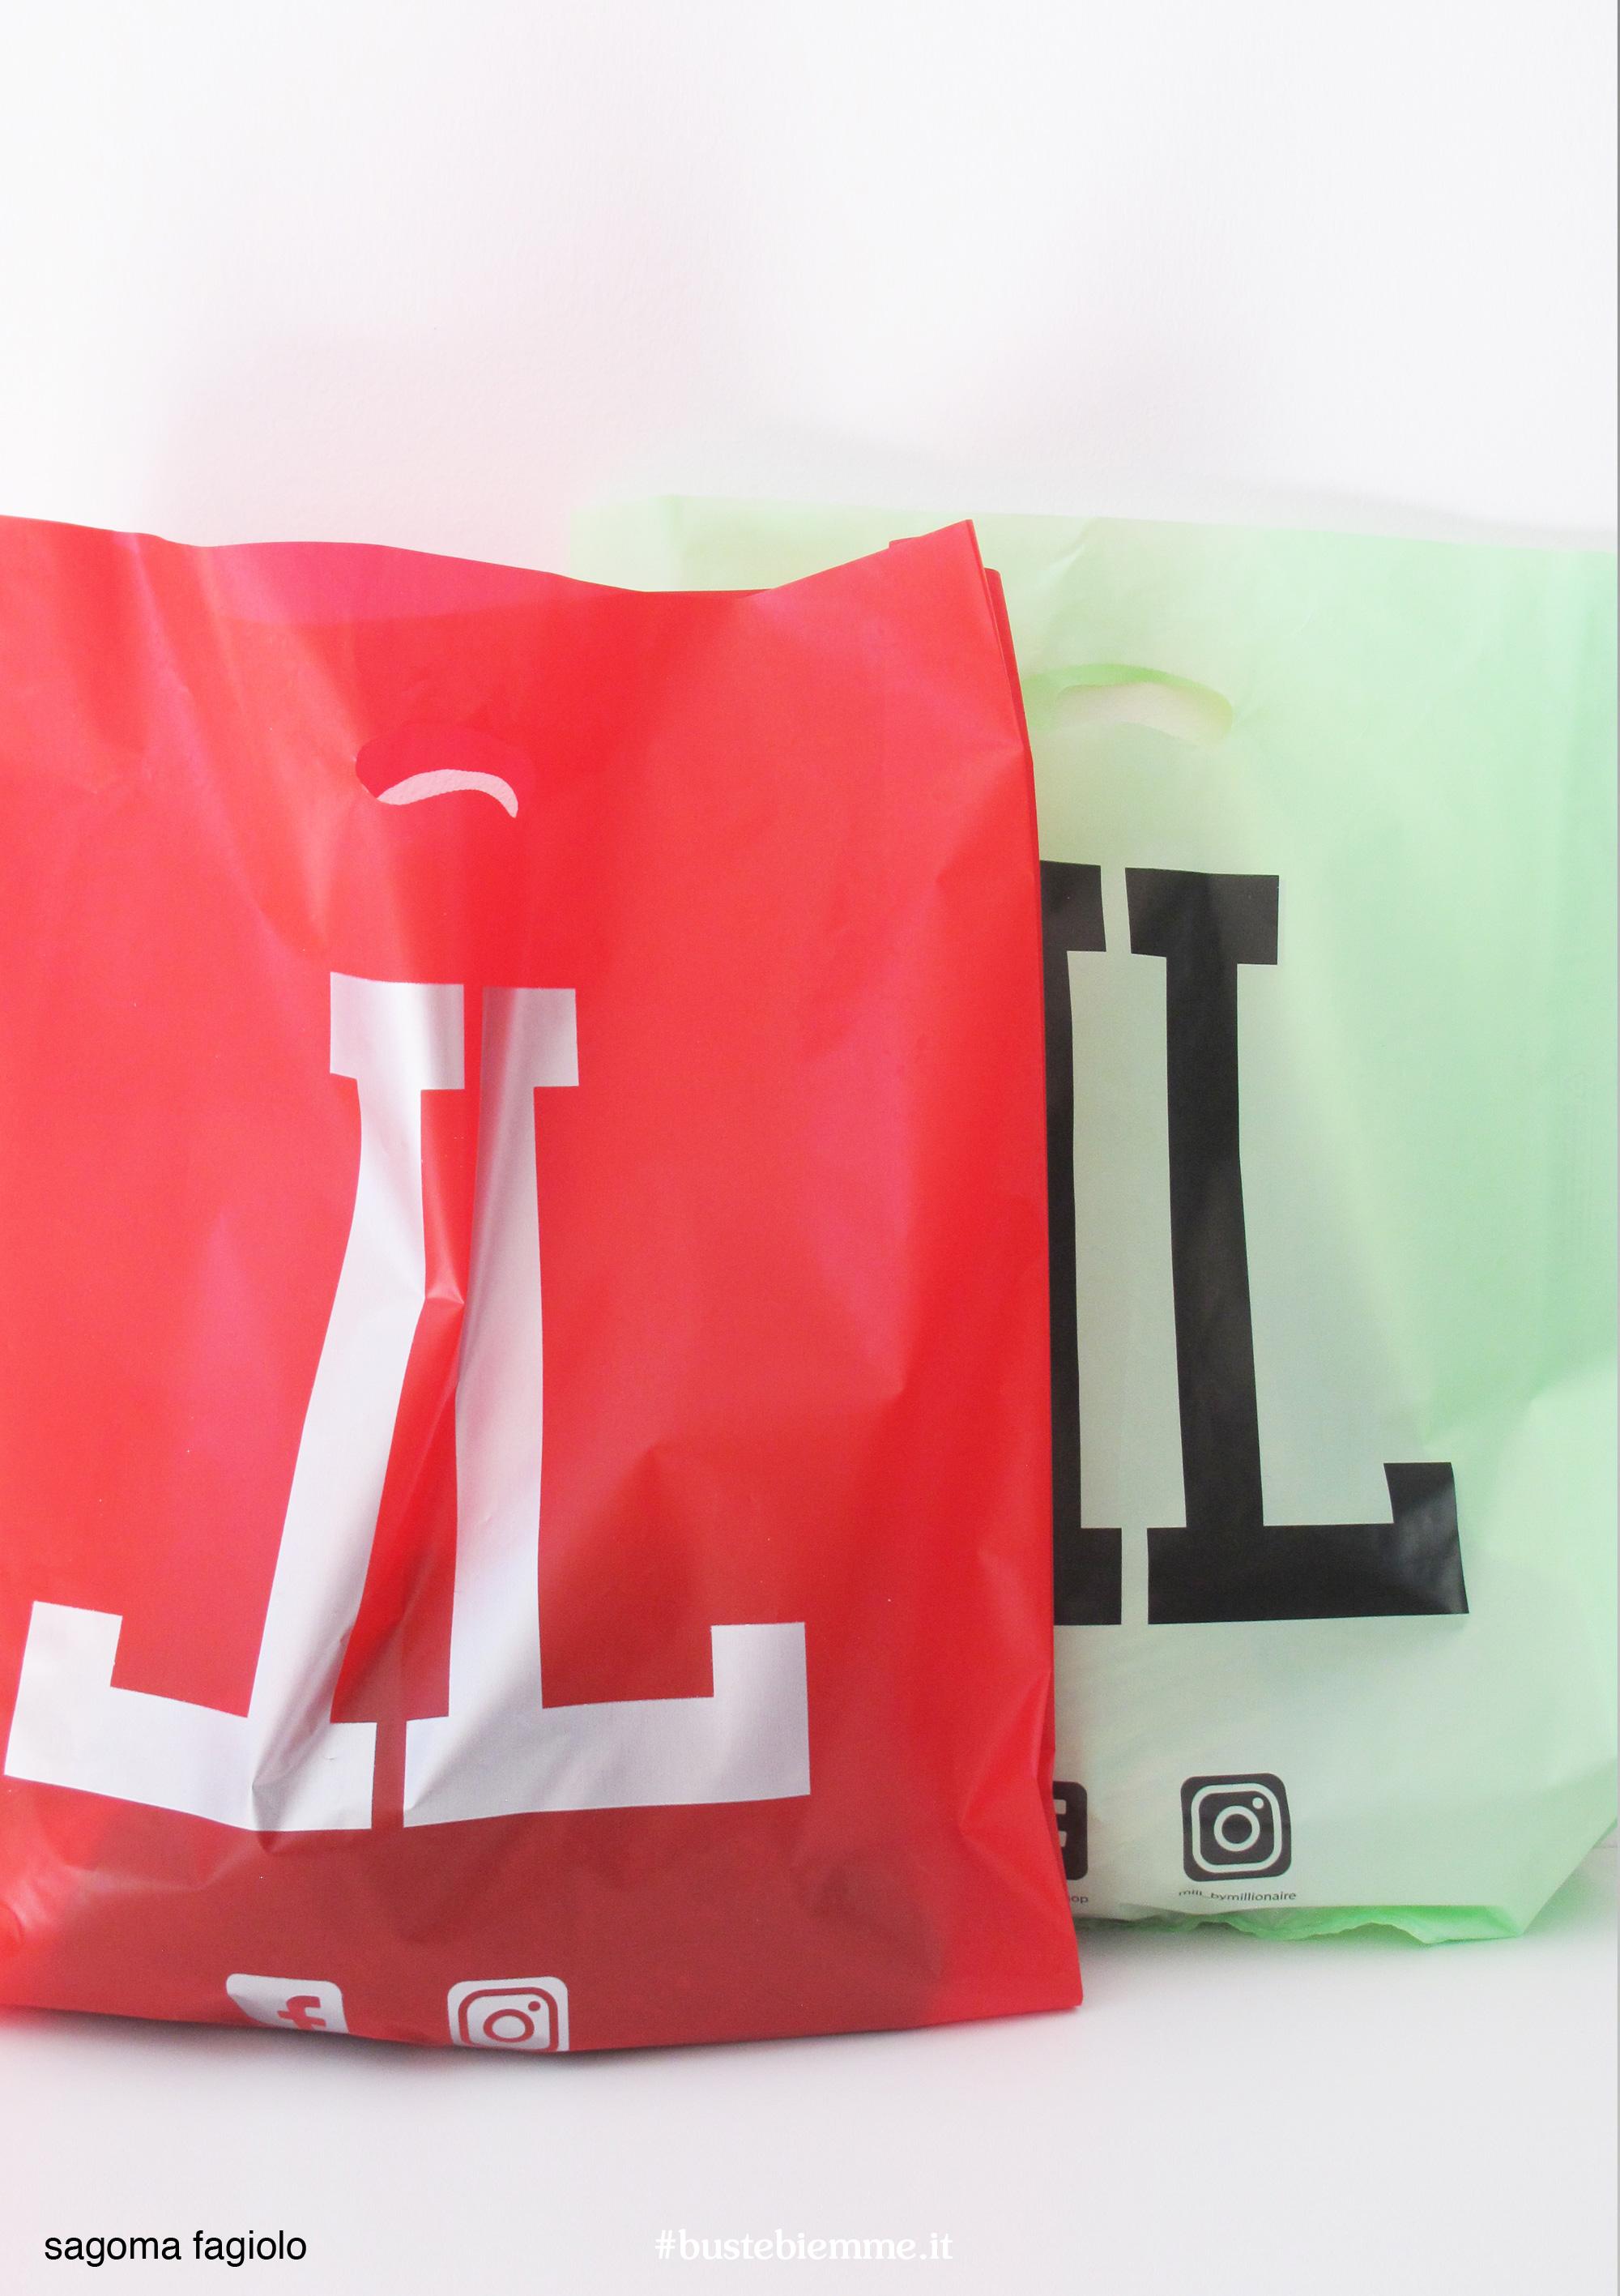 sacchetto in plastica personalizzato con maniglia fustellata